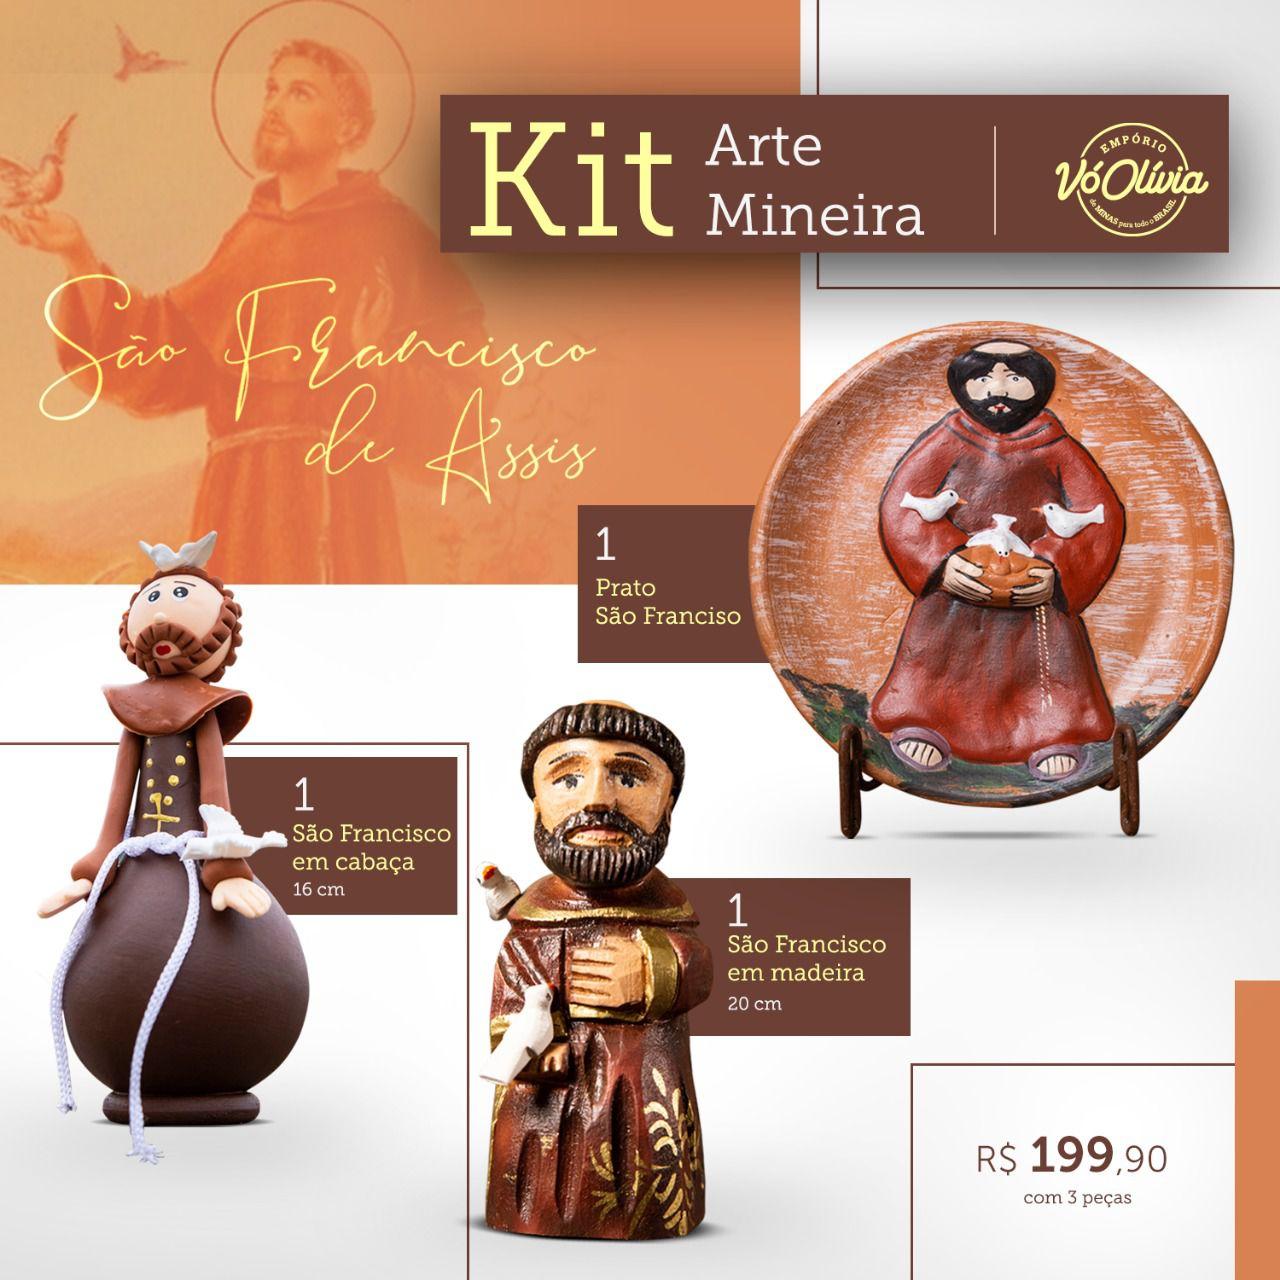 Kit arte mineira -  São Francisco de Assis